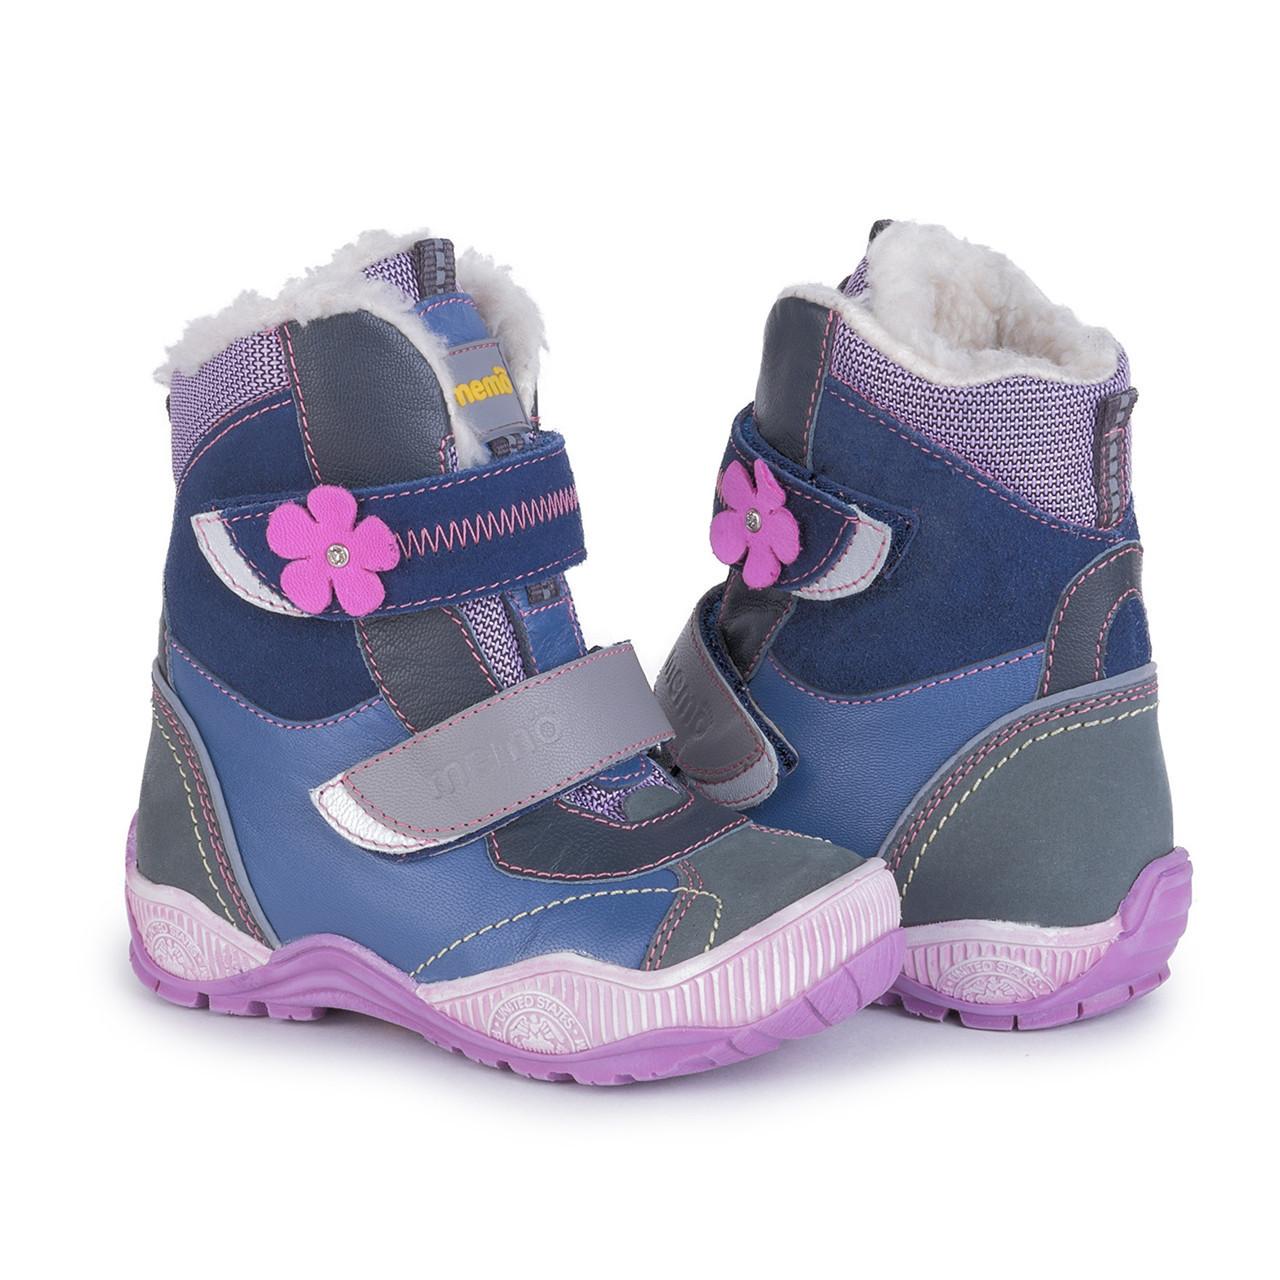 Зимние ортопедические ботинки для детей Memo Aspen 1JB фиолетовые